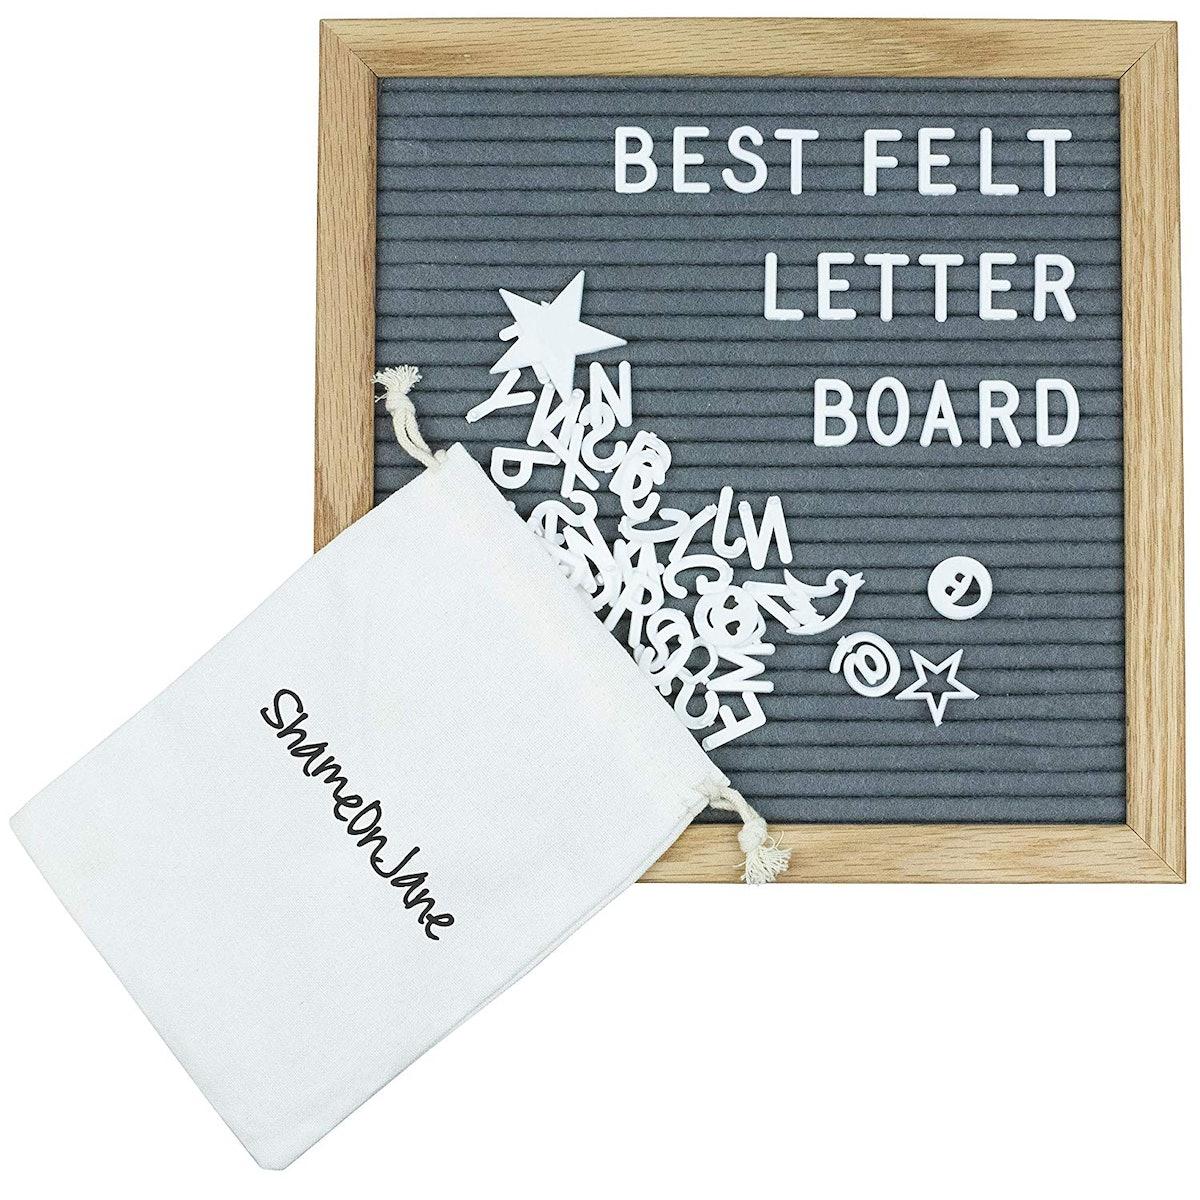 ShameOnJane Grey Changeable Felt Letter Board